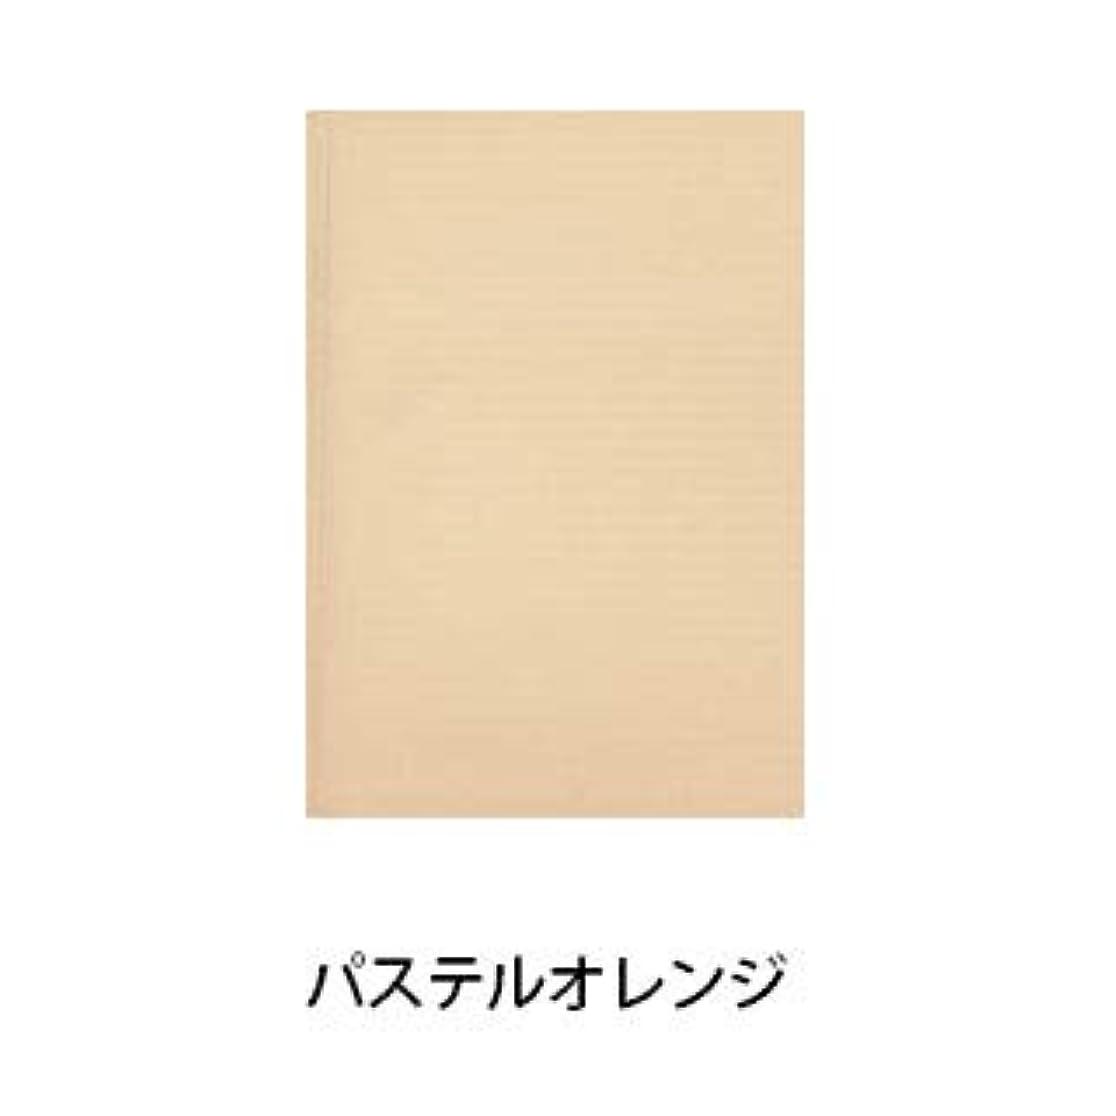 流暢恐ろしいトリップ【パステルシリーズ】100枚入り ネイルシート ペーパークロス (パステルオレンジ)